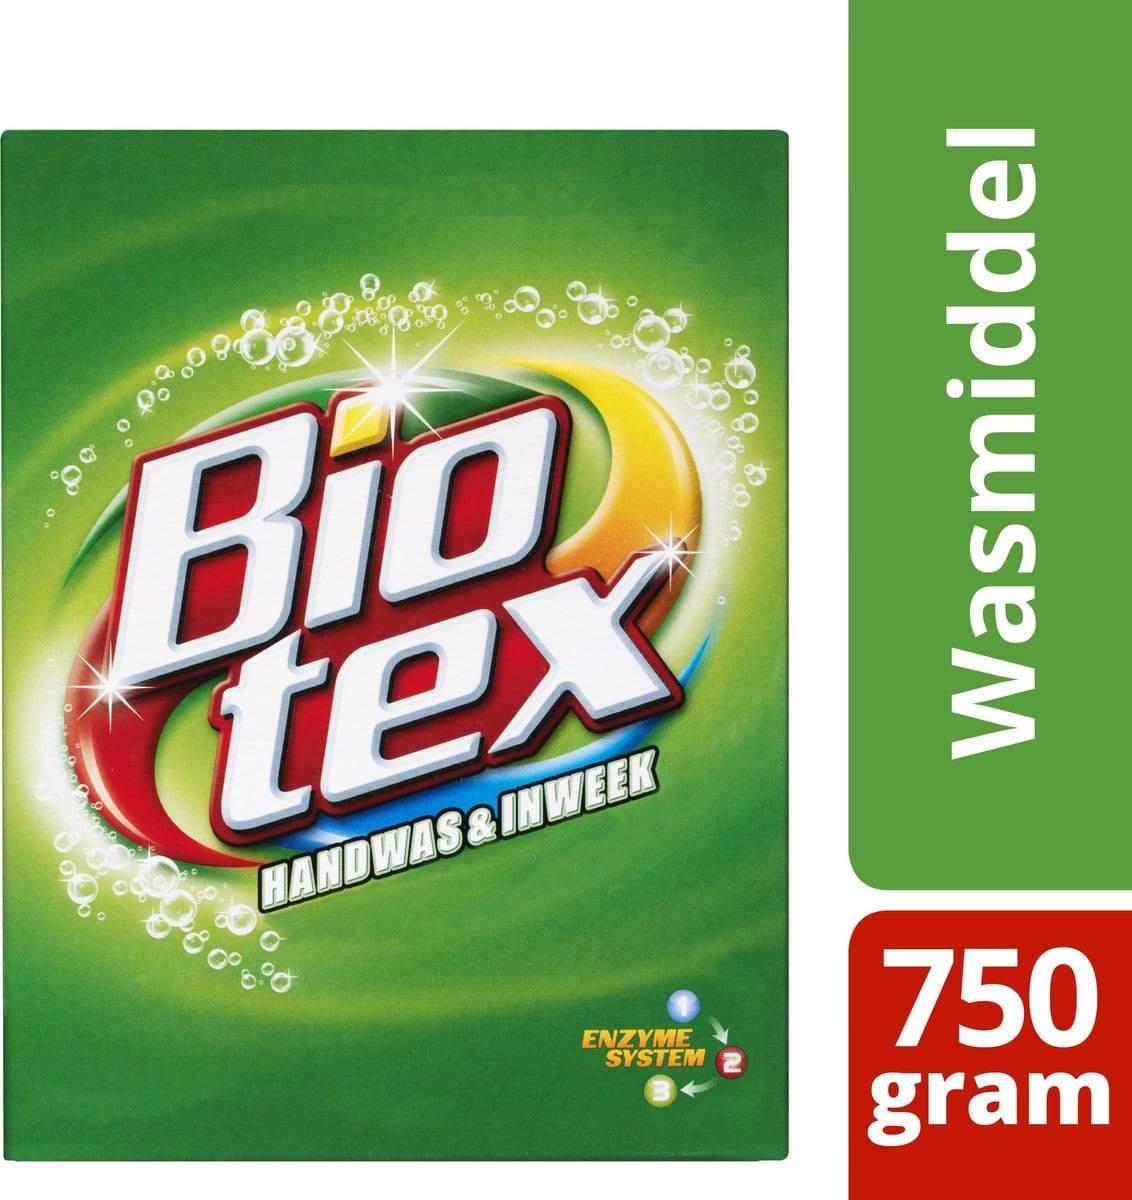 Biotex-tegels-schoonmaken